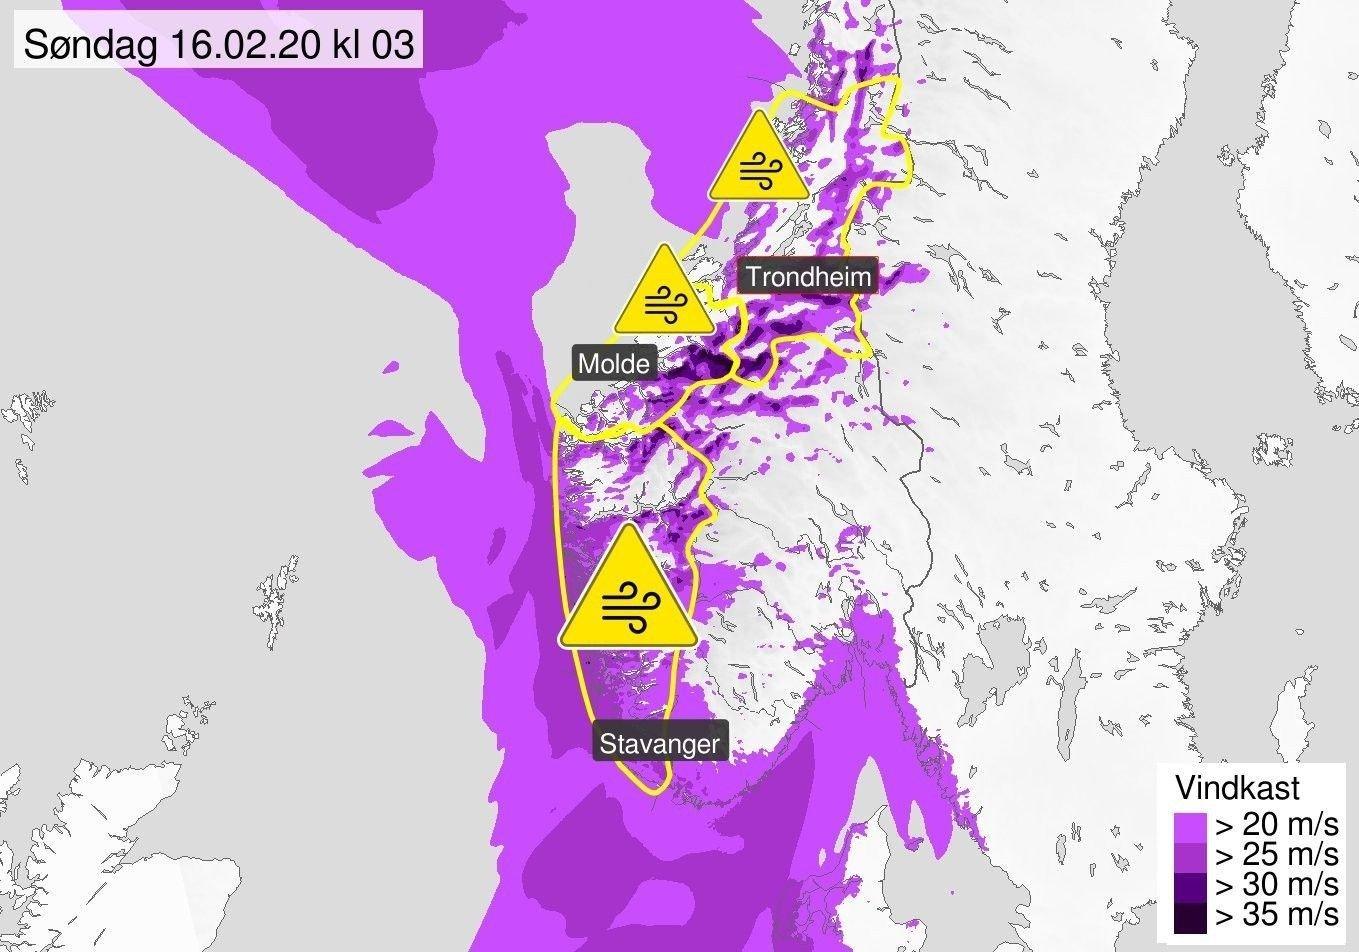 FAREVARSEL: Lørdag kveld øker det på med vind fra sør og sørvest, melder Meteorologisk institutt. Det er sendt ut gult farevarsel for Vestlandet sør for Stad, Møre og Romsdal og Trøndelag.